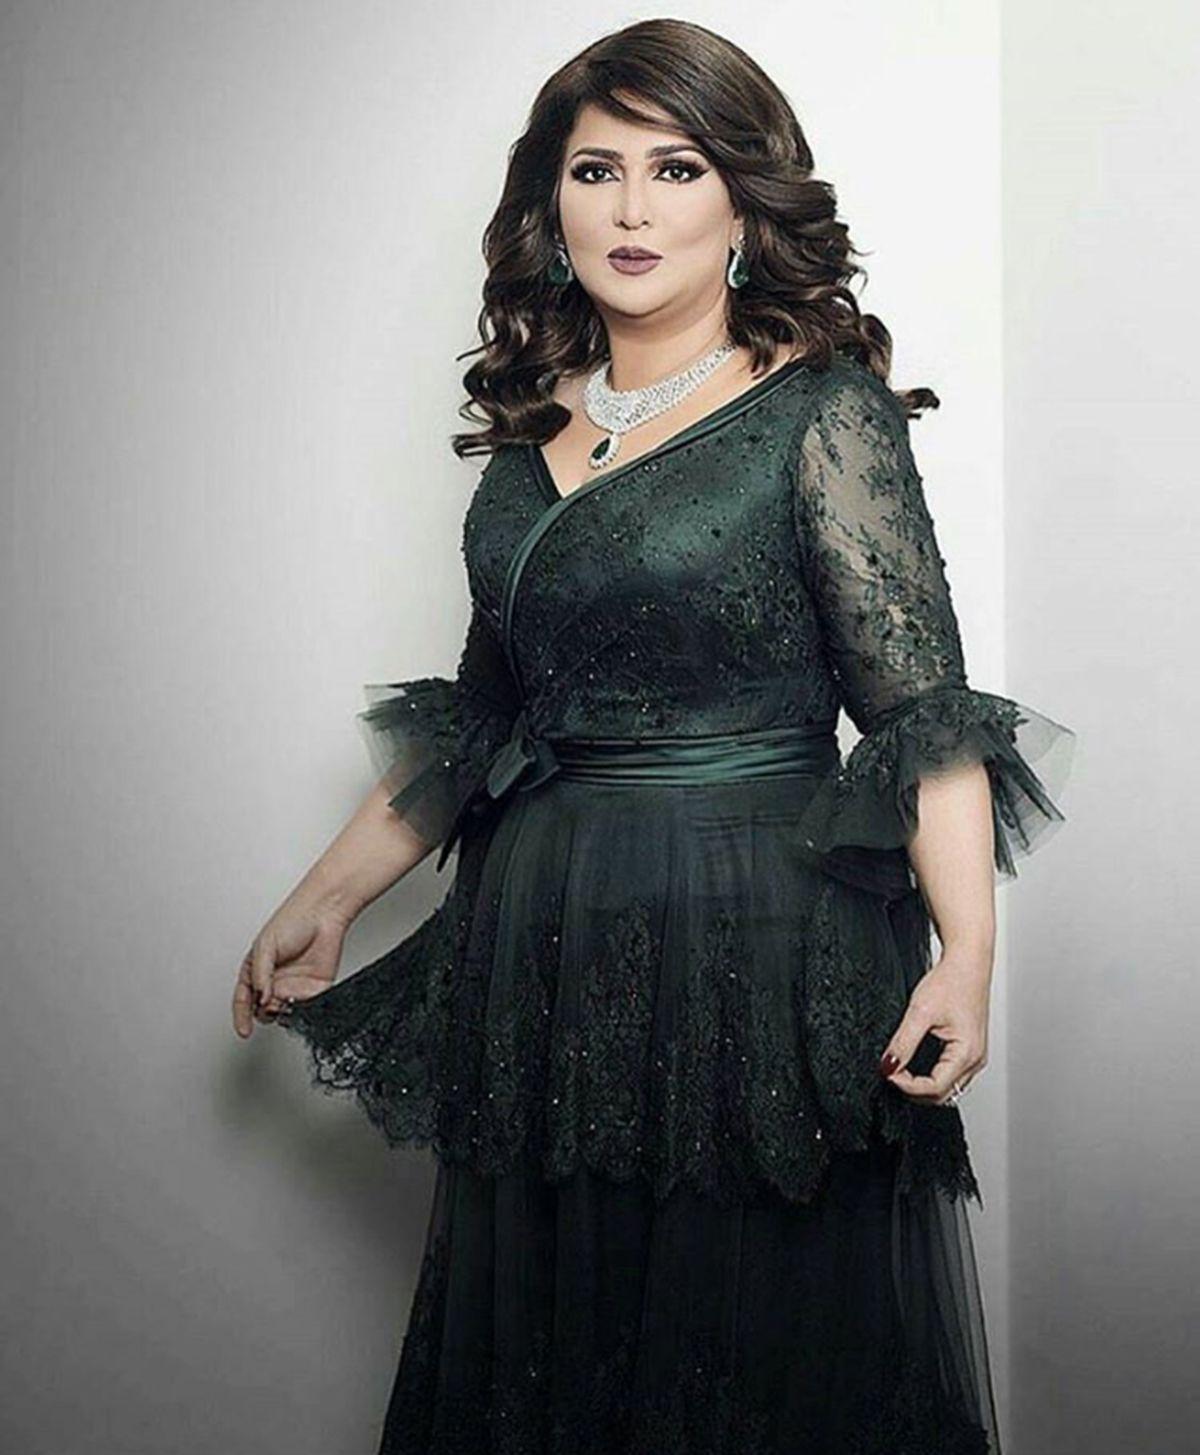 بعد هيفاء وهبي نوال الكويتية تطل بلمسة لابورجوازي Dresses Fashion Womens Fashion